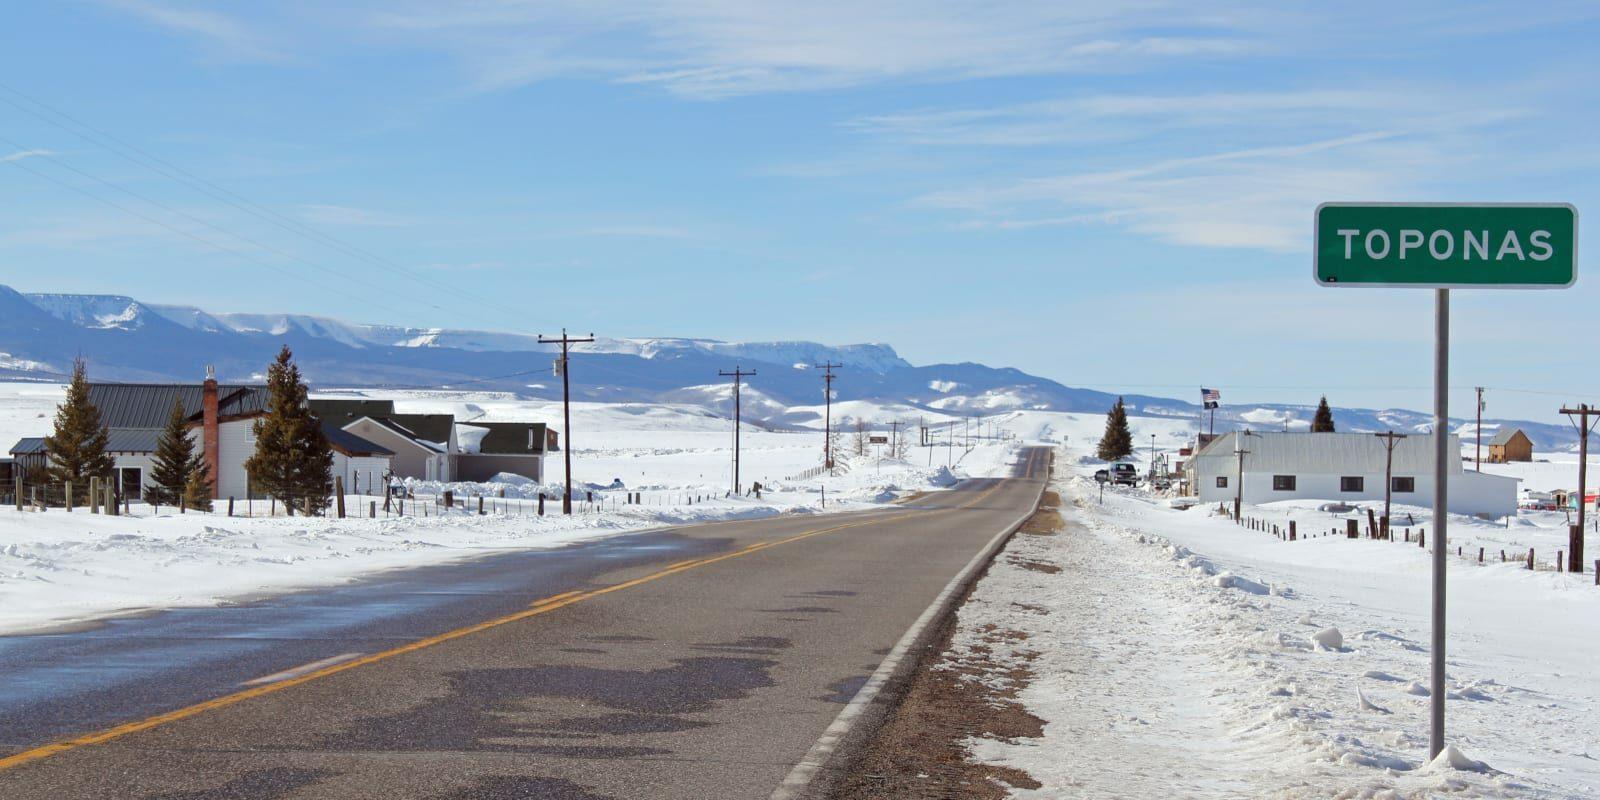 Toponas Colorado Highway 131 Town Sign